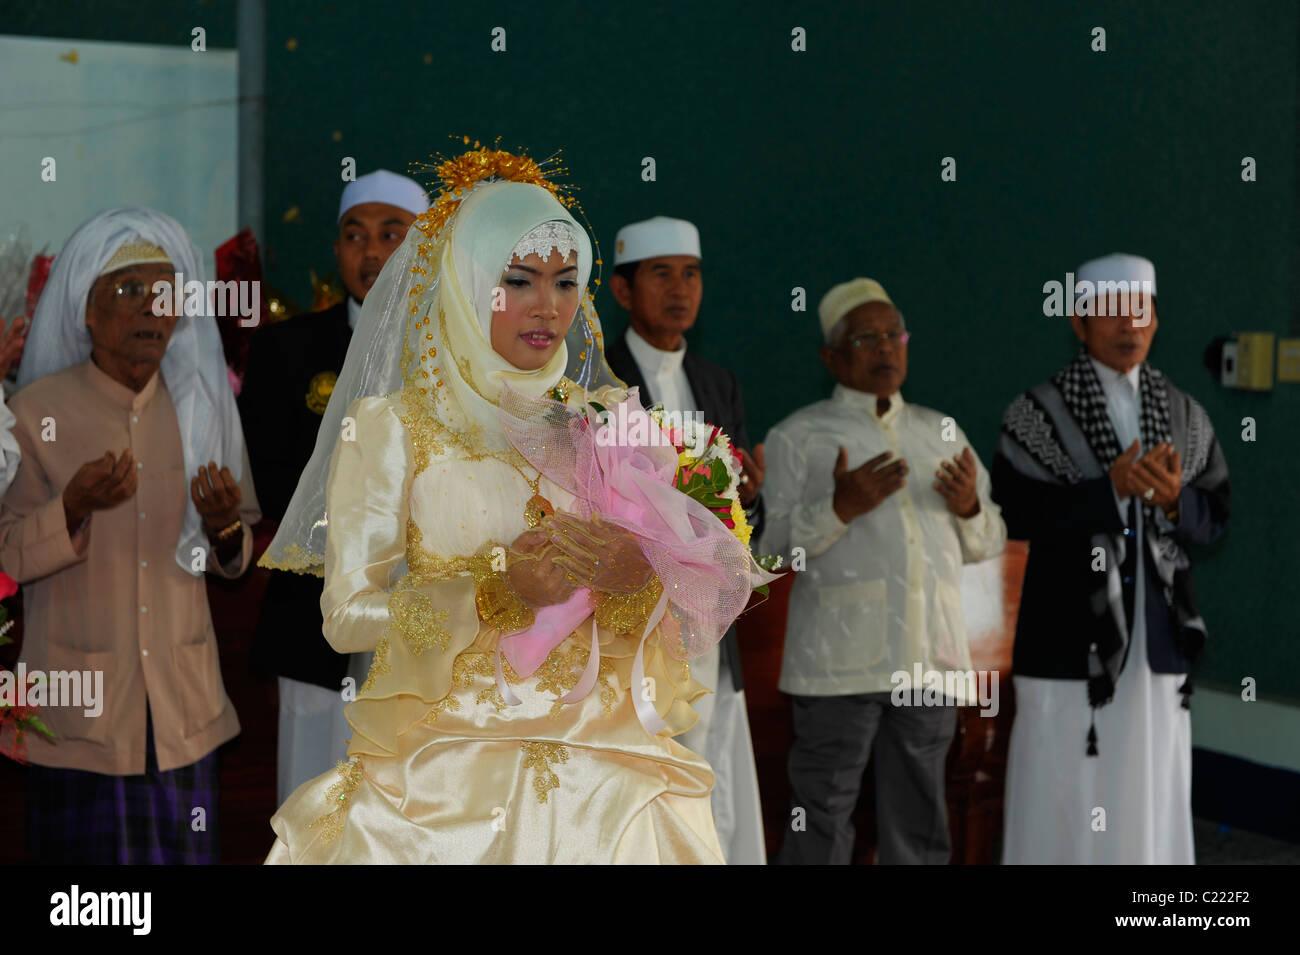 muslim bride praying during wedding ritual, islamic wedding , muslim community , bangkok, thailand - Stock Image